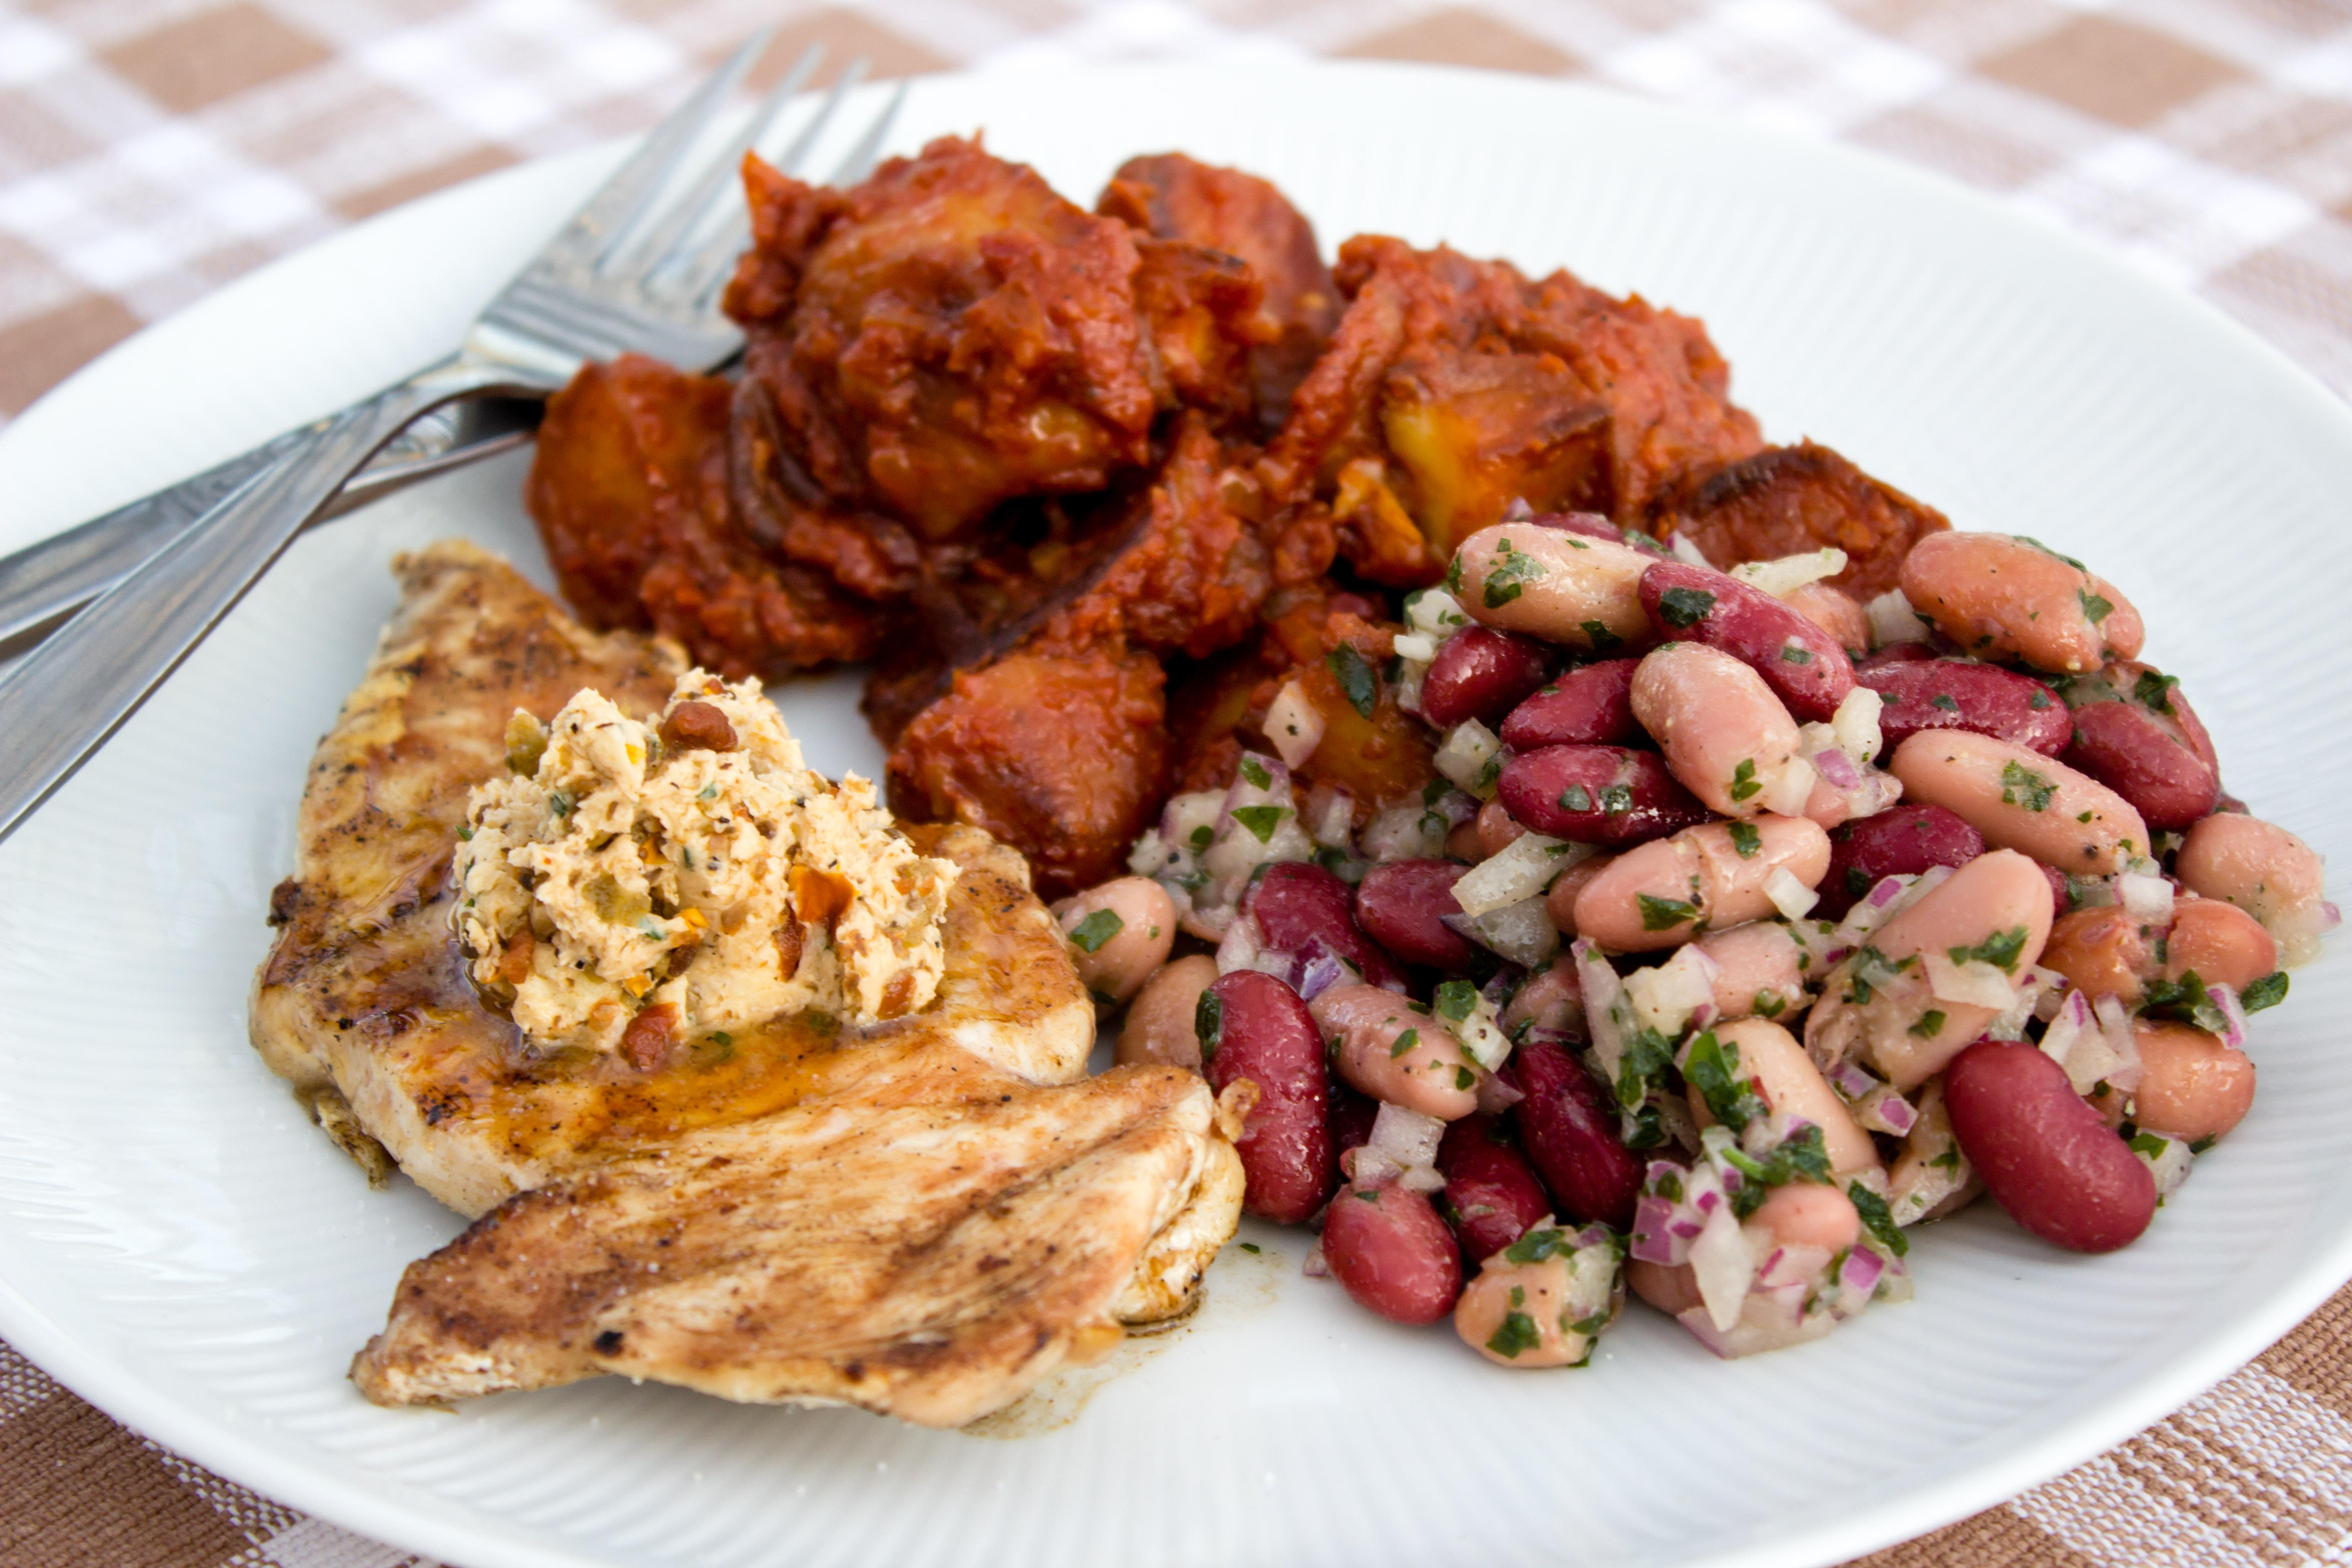 Grillad kyckling med patatas bravas och bönsallad